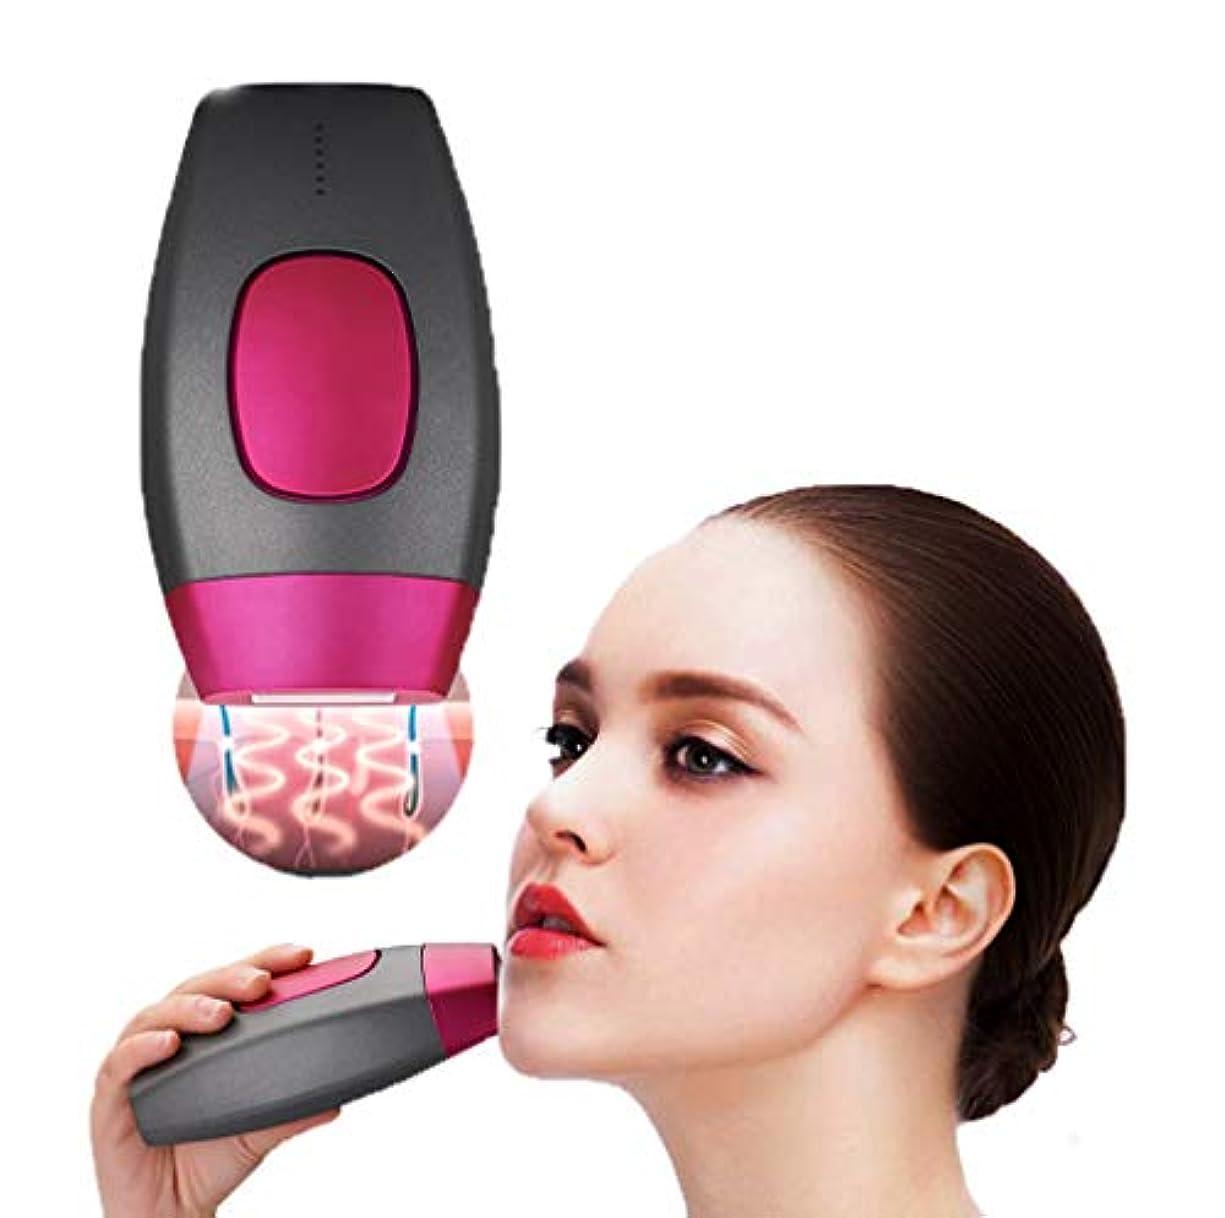 箱別の後継女性の男性の体の顔とビキニの家庭用ライトシステム痛みのない美容デバイスでのレーザー脱毛